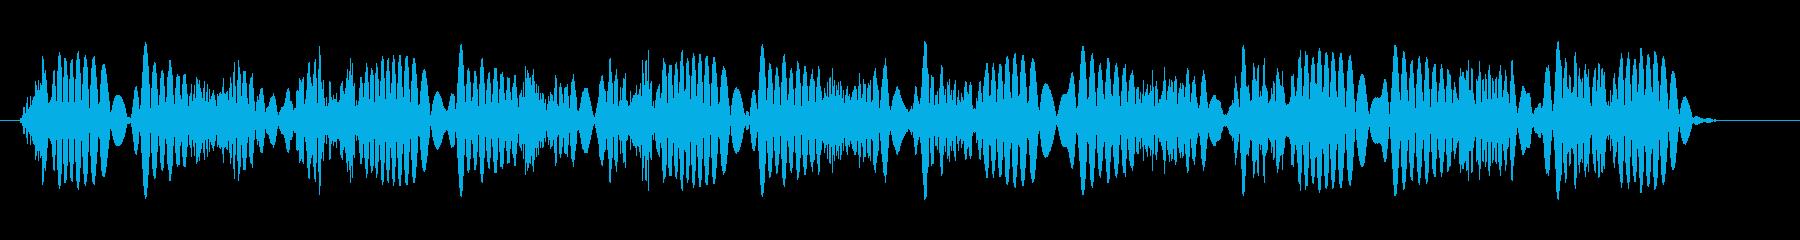 弾むサンパーの再生済みの波形